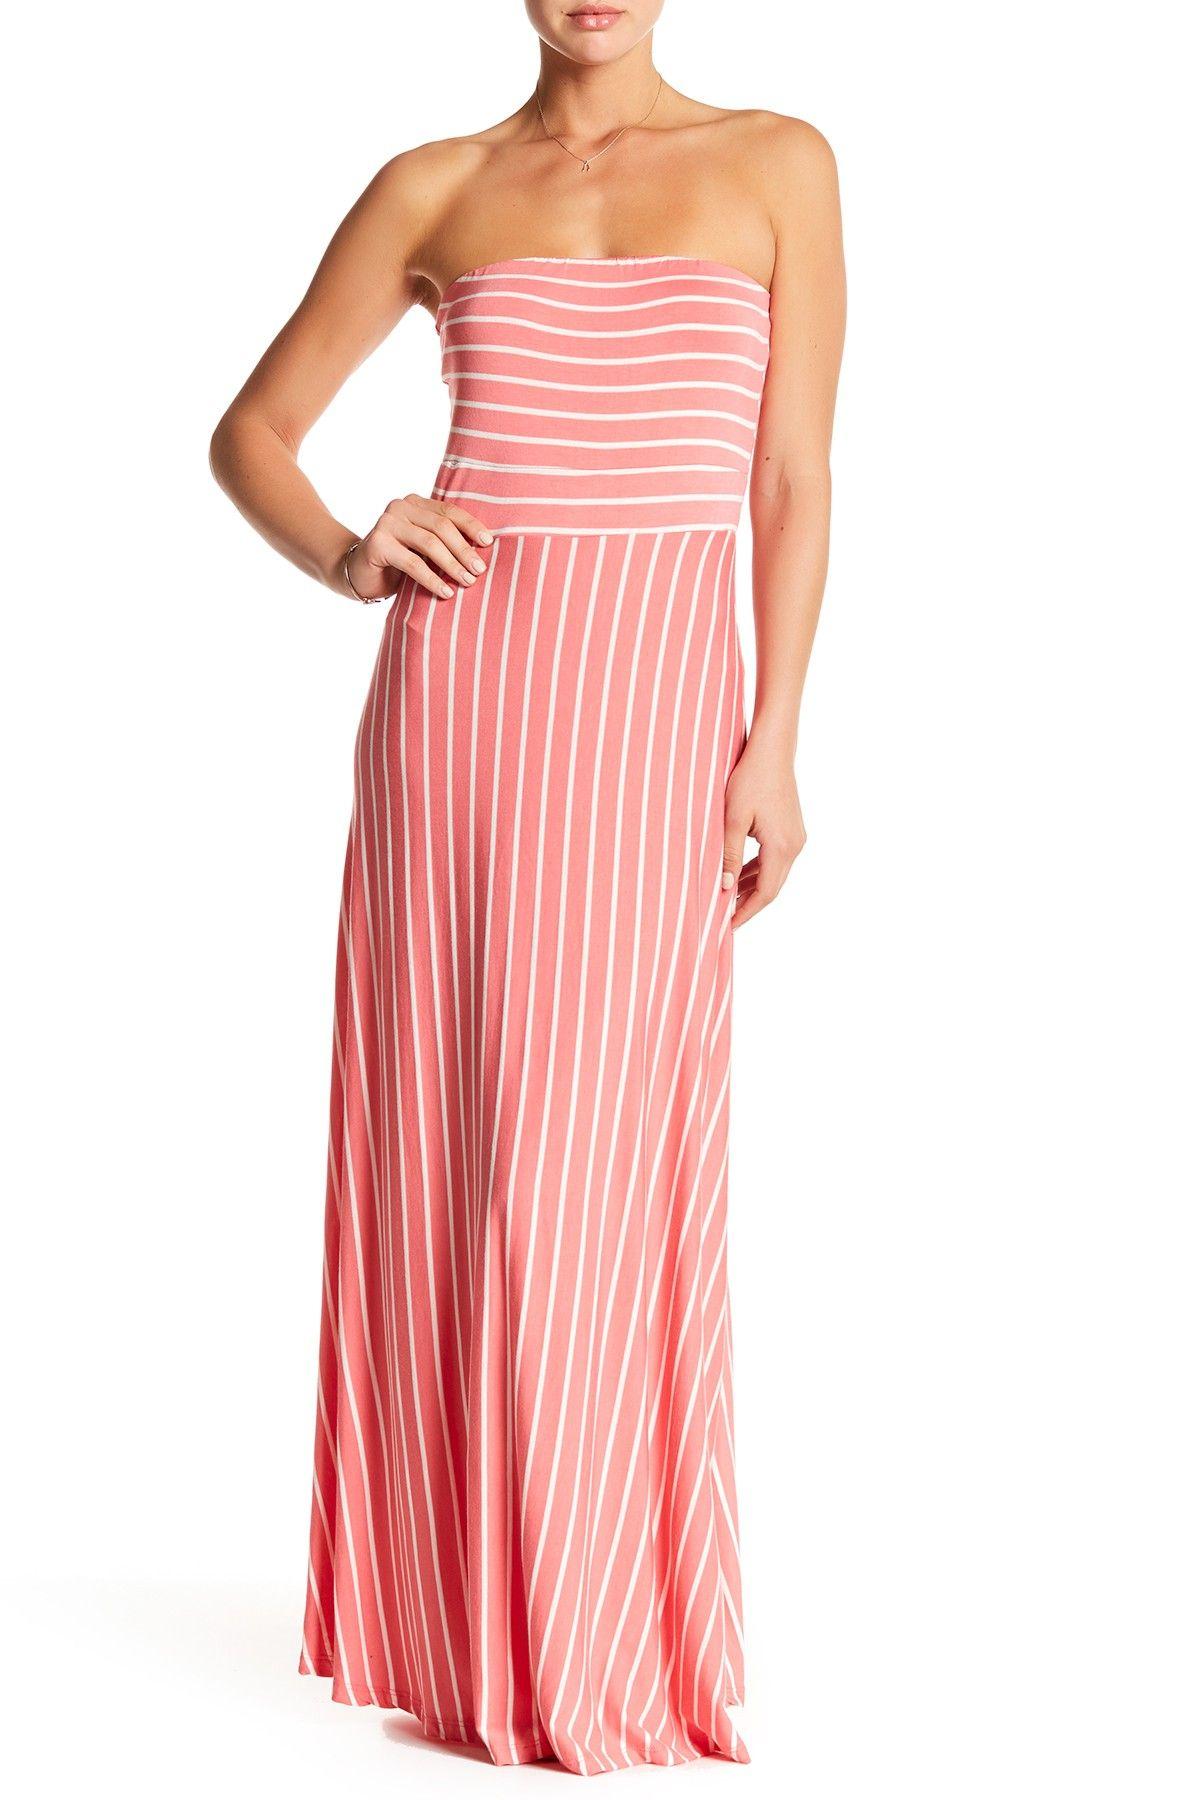 WEST KEI Strapless Stripe Maxi Dress